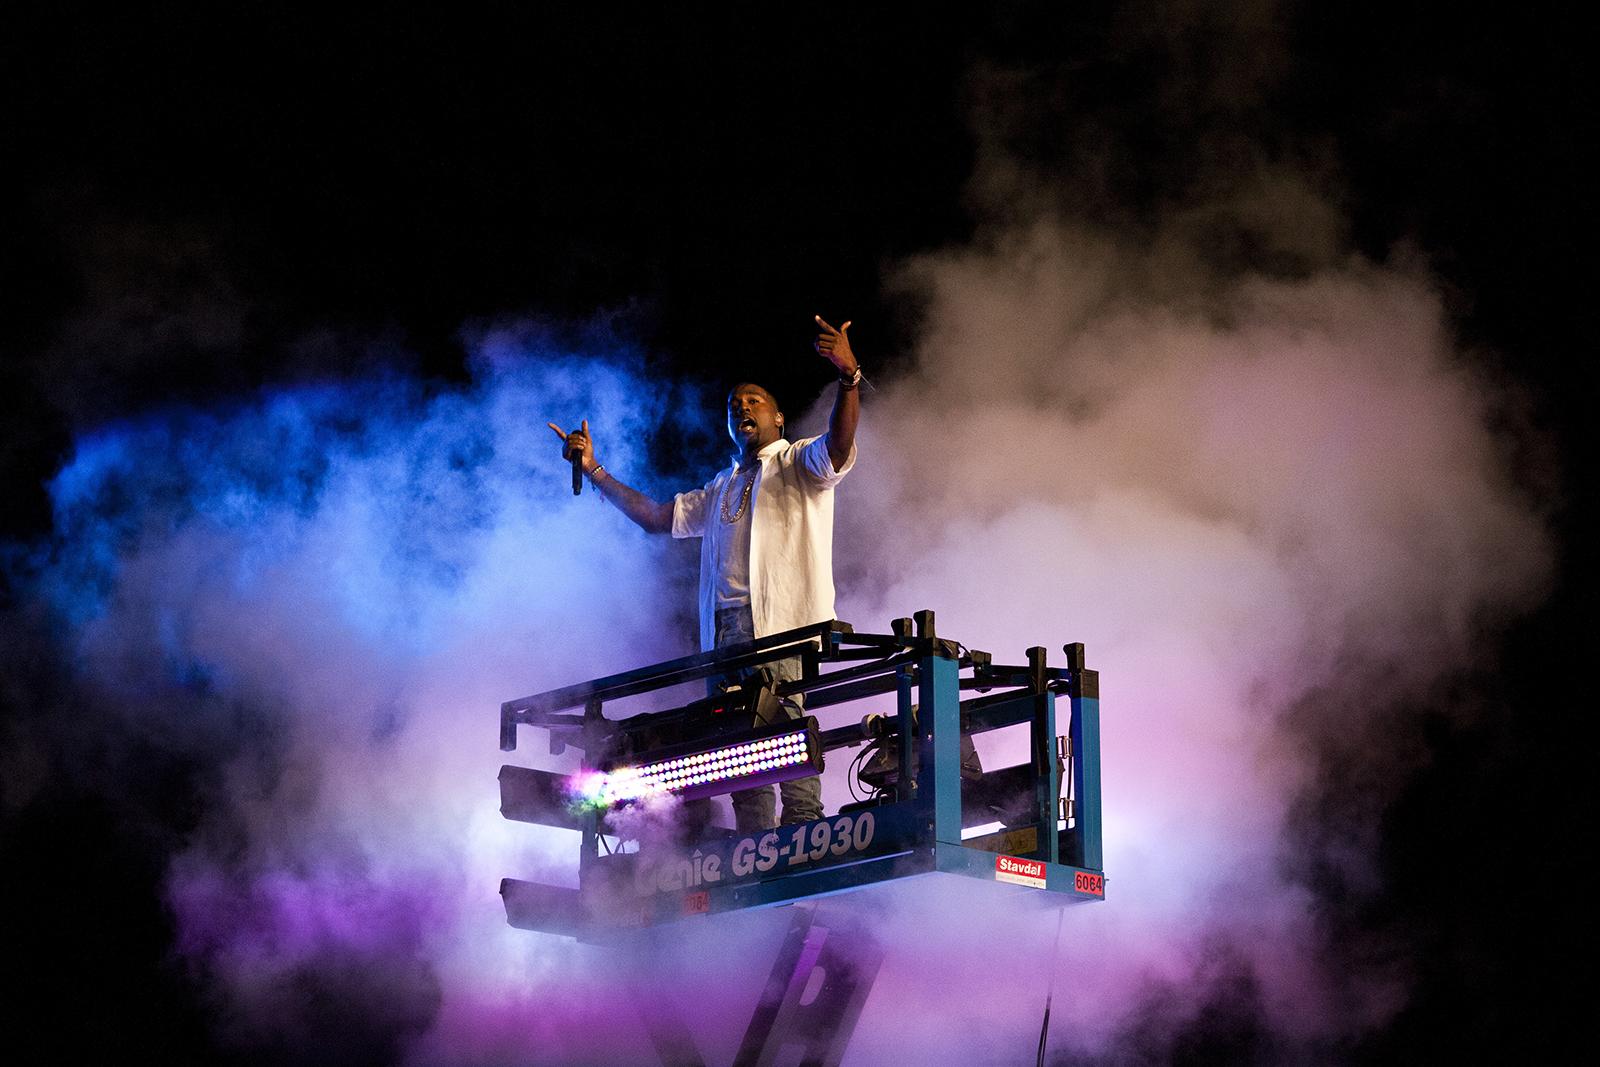 Wat feiten die bewijzen dat Kanye West een muzikaal genie is